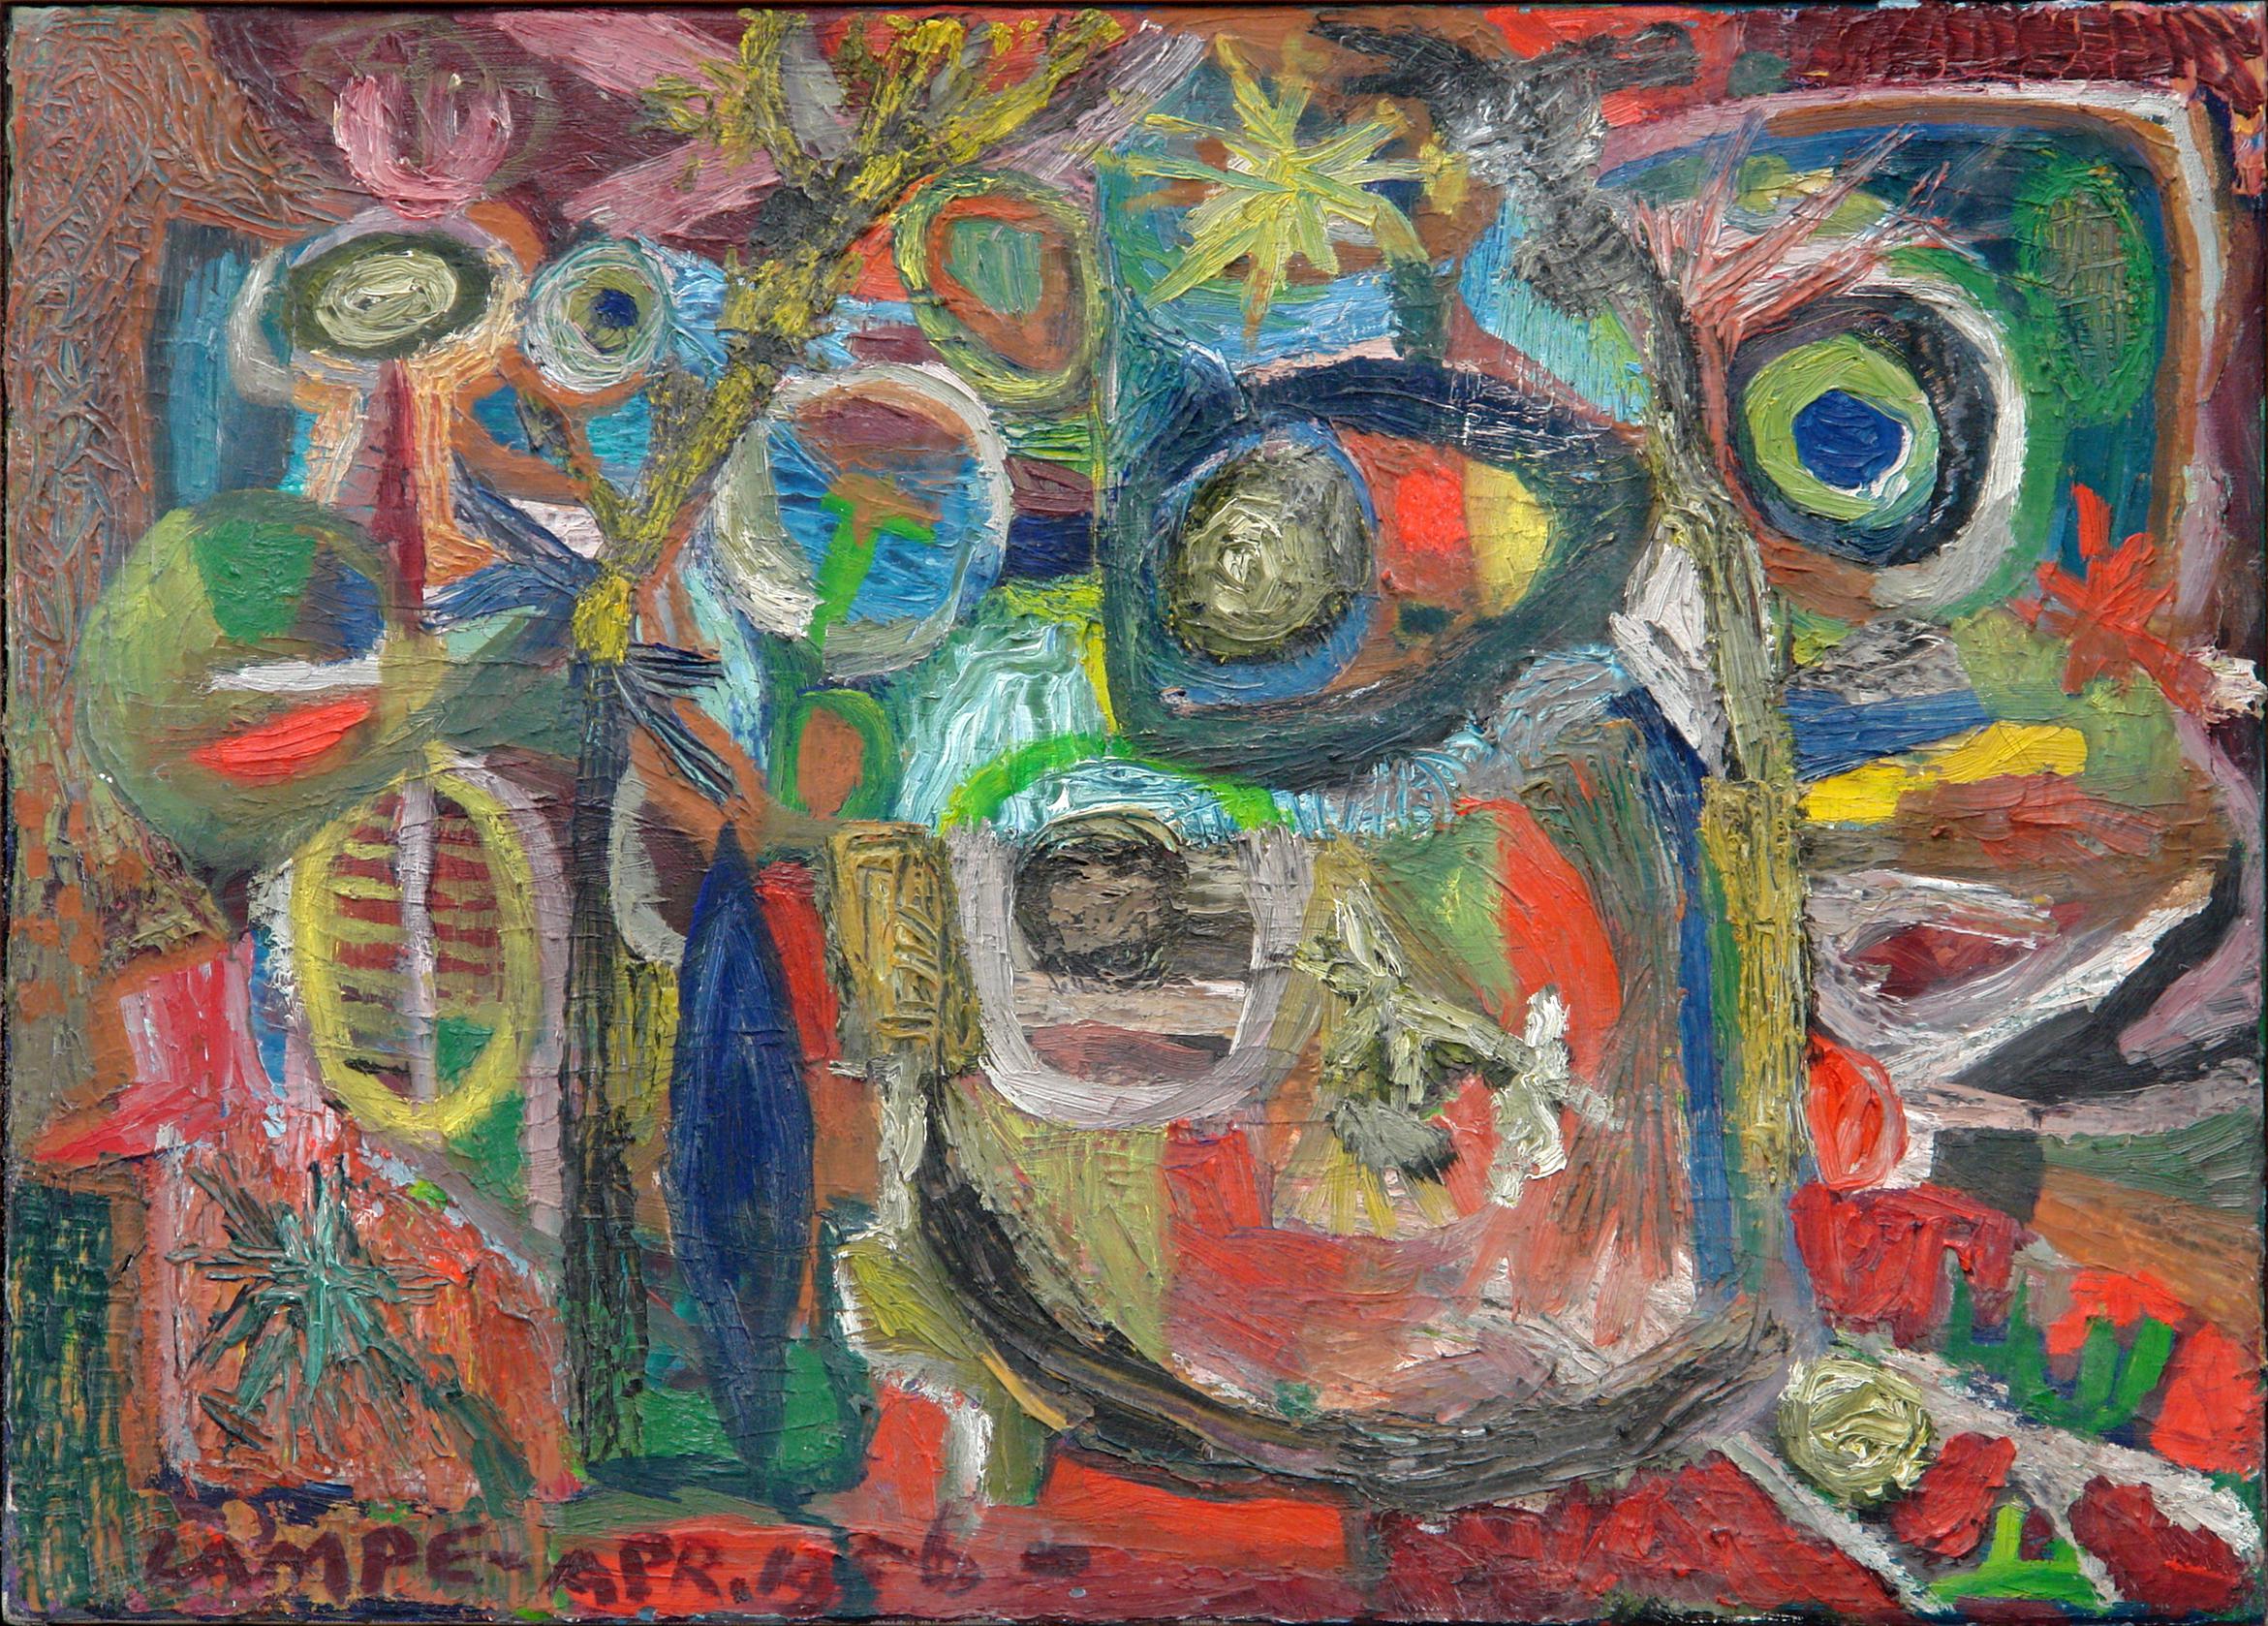 George Lampe - Diepzeeachtig Schilderij (Deapsea-ish Painting) - GL203